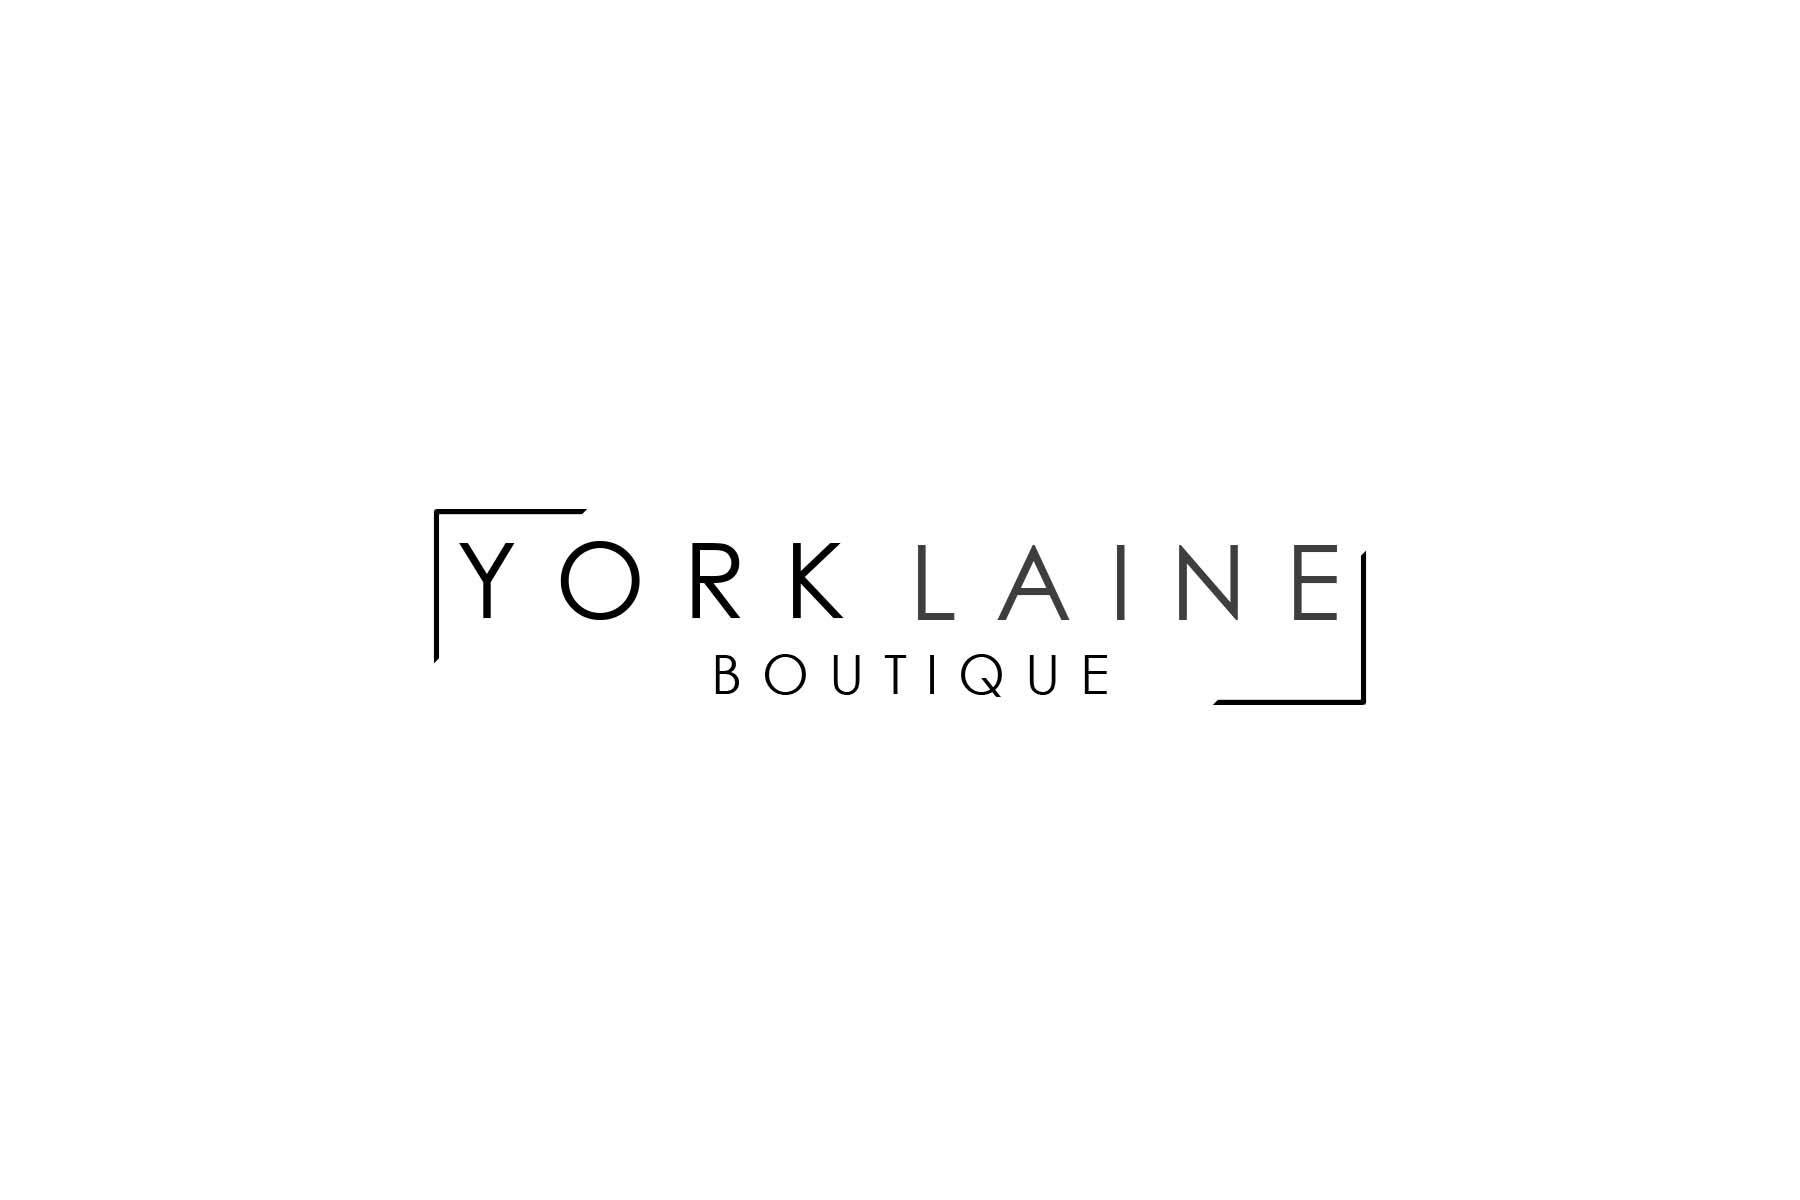 York Laine Boutique -